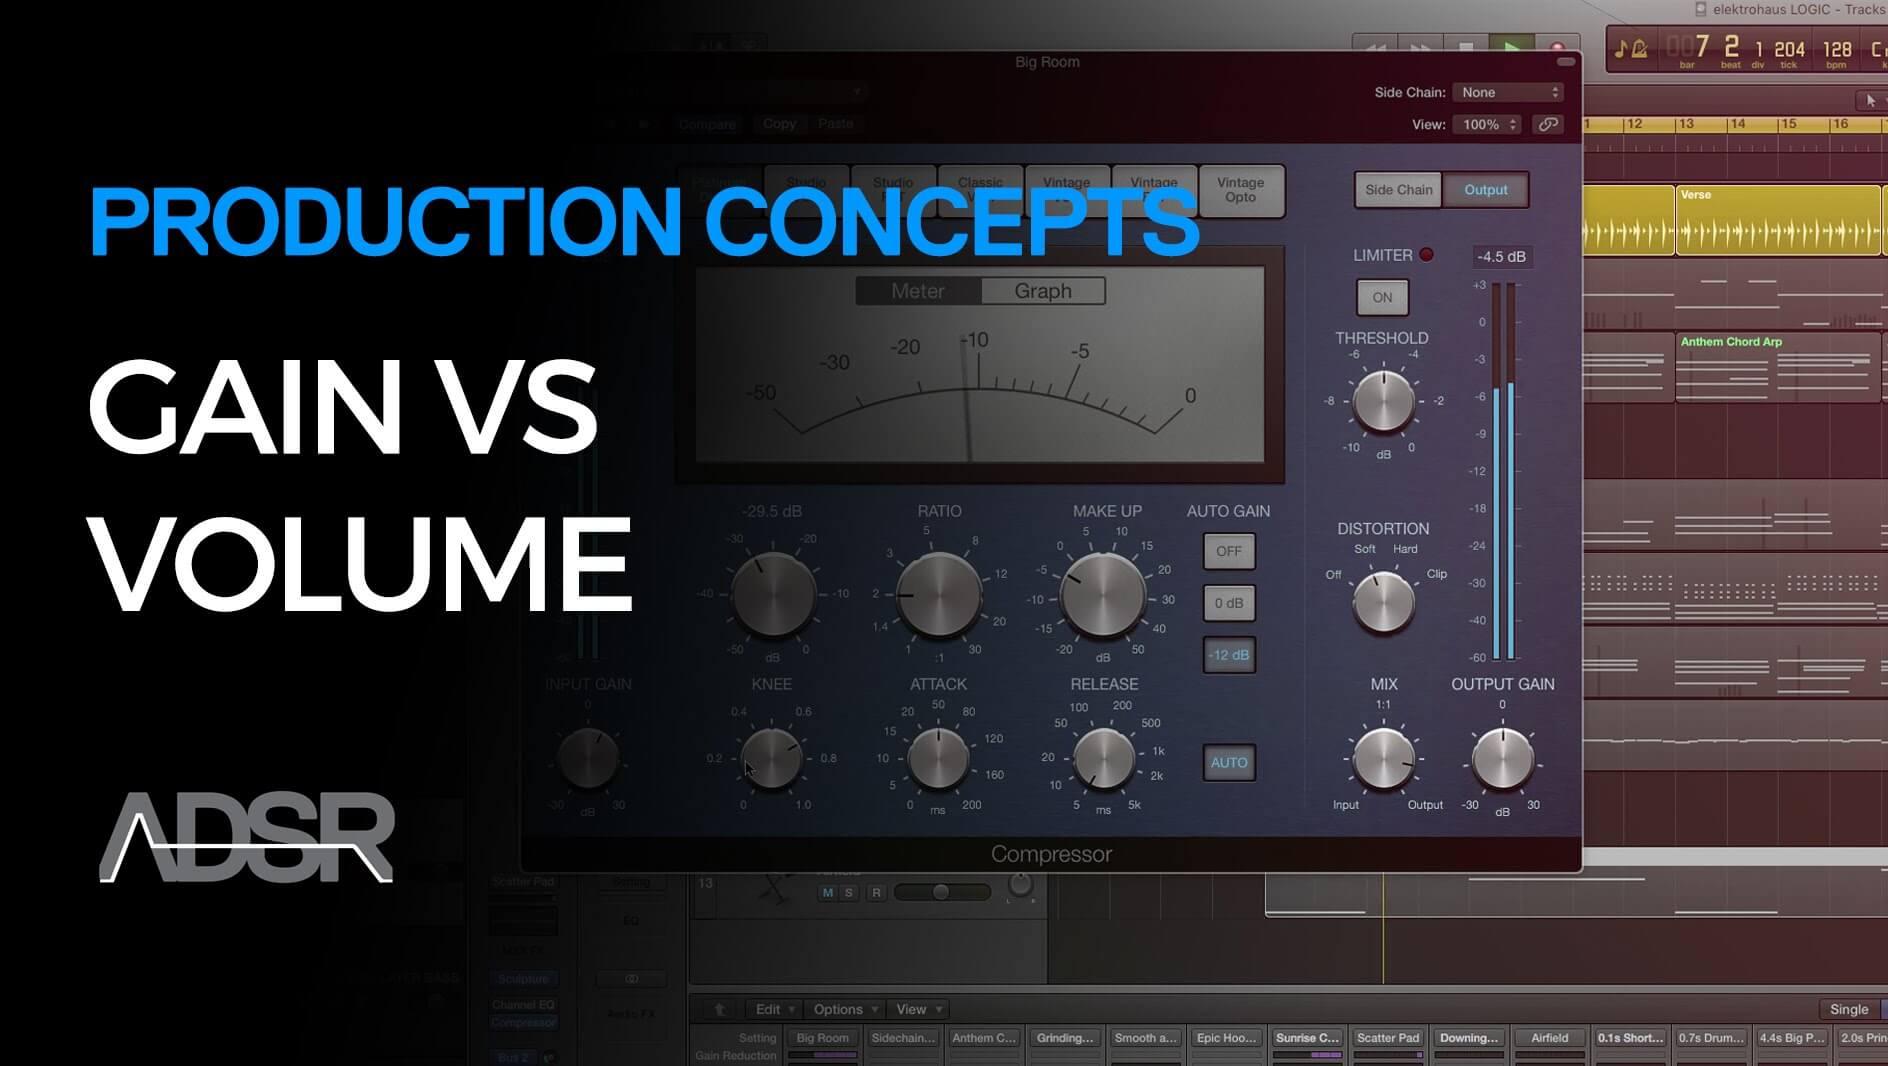 Gain vs Volume - Production Concepts